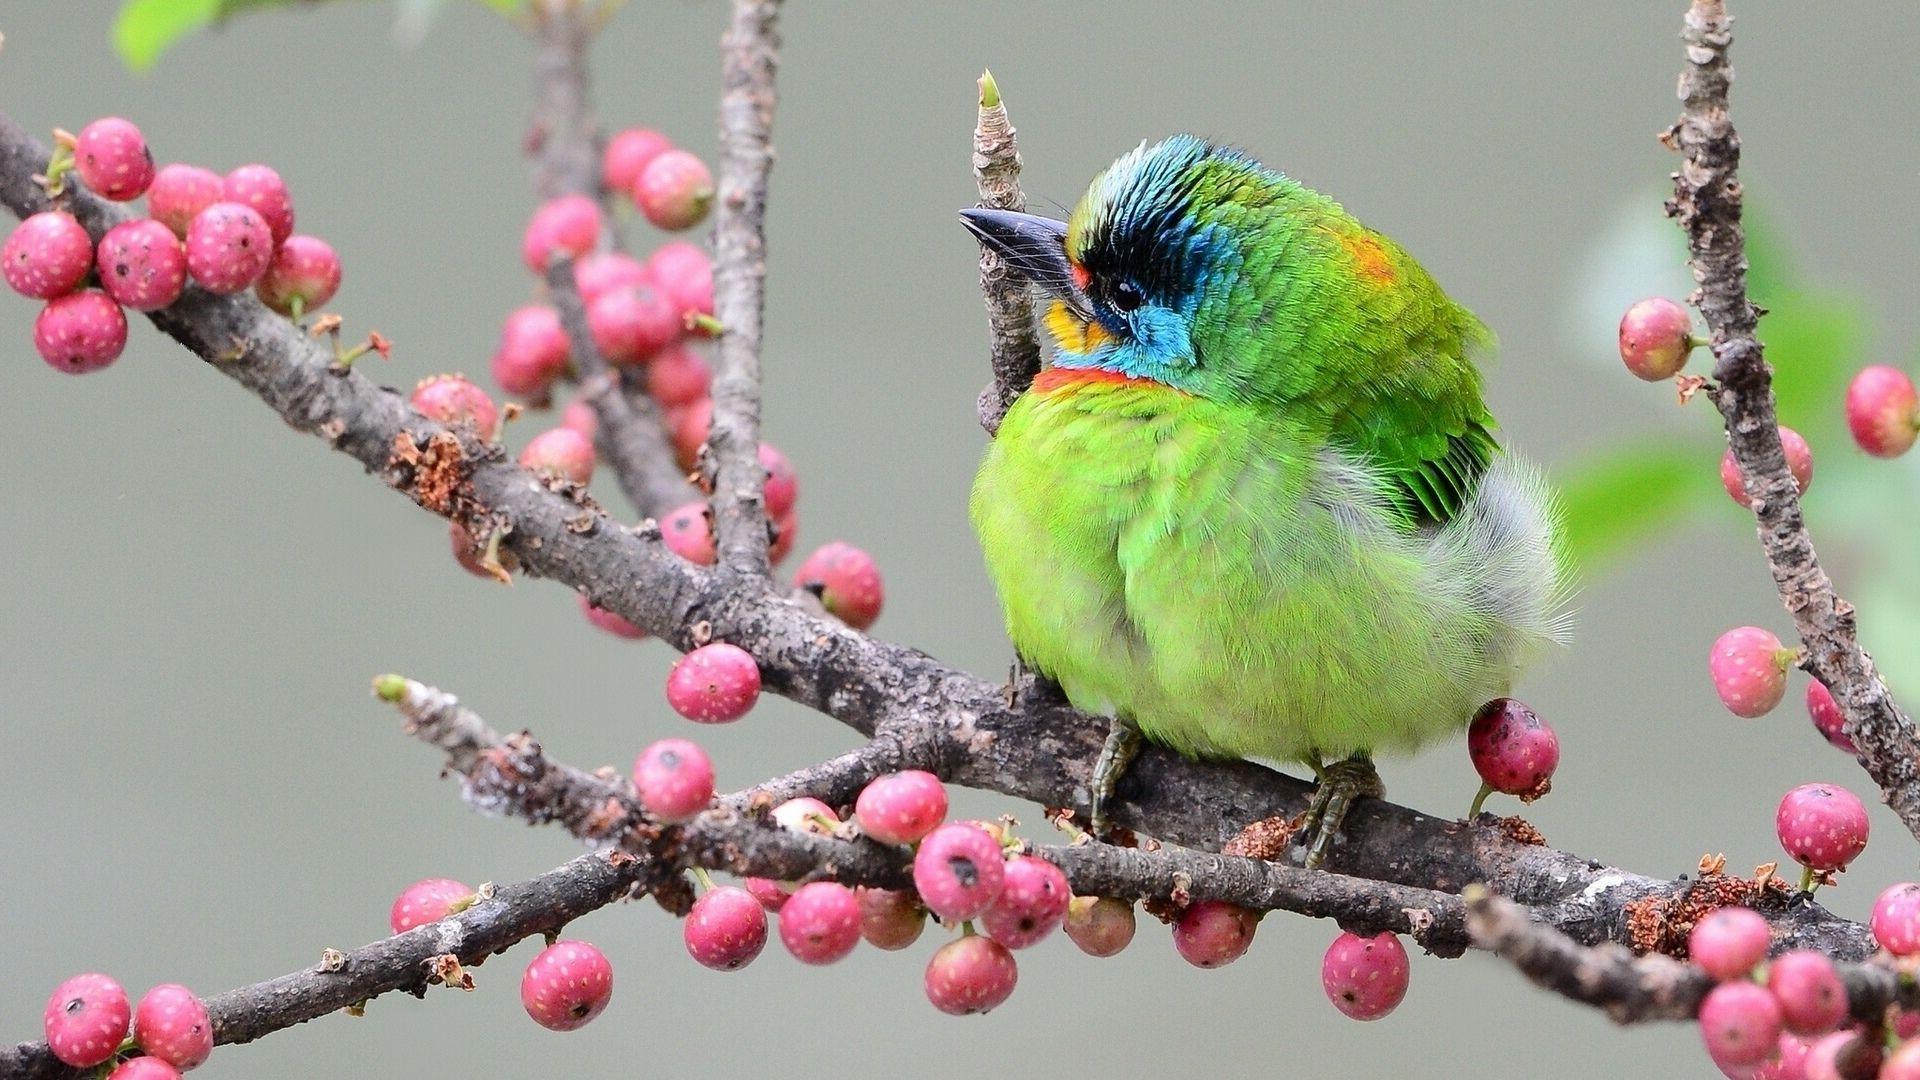 Bird On A Branch Wallpaper